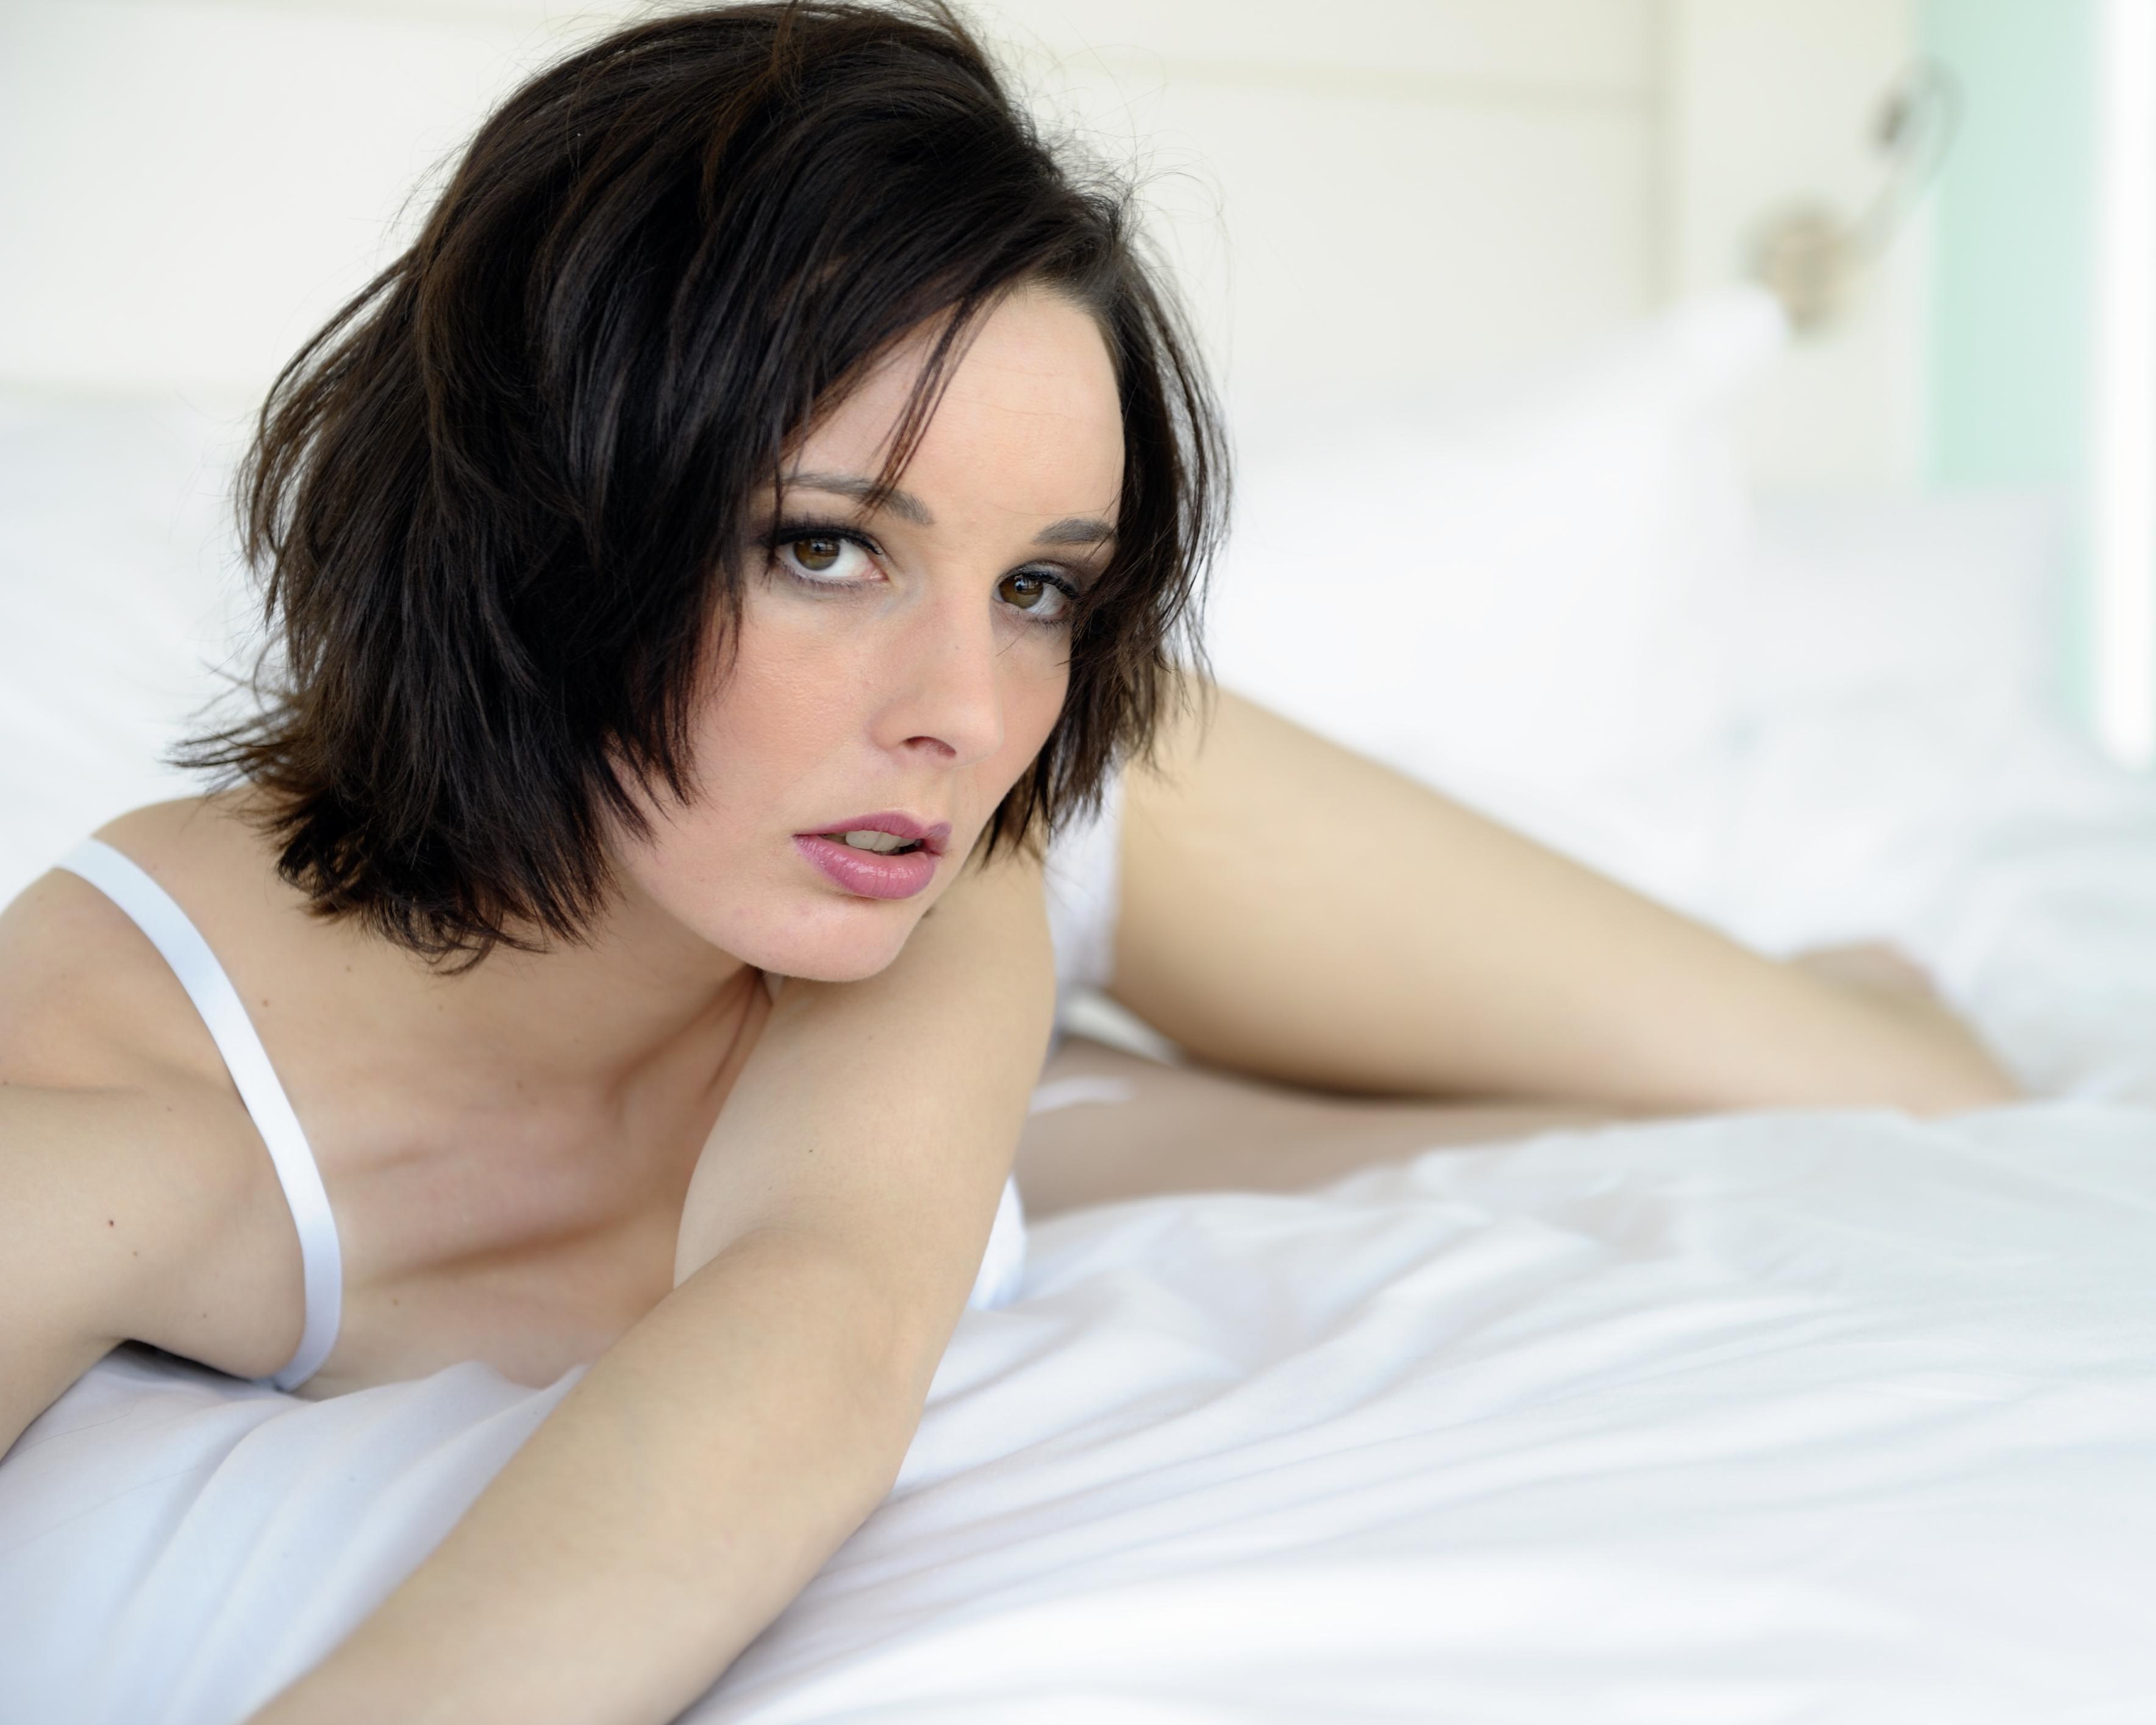 Lesbický strapon dildo porno